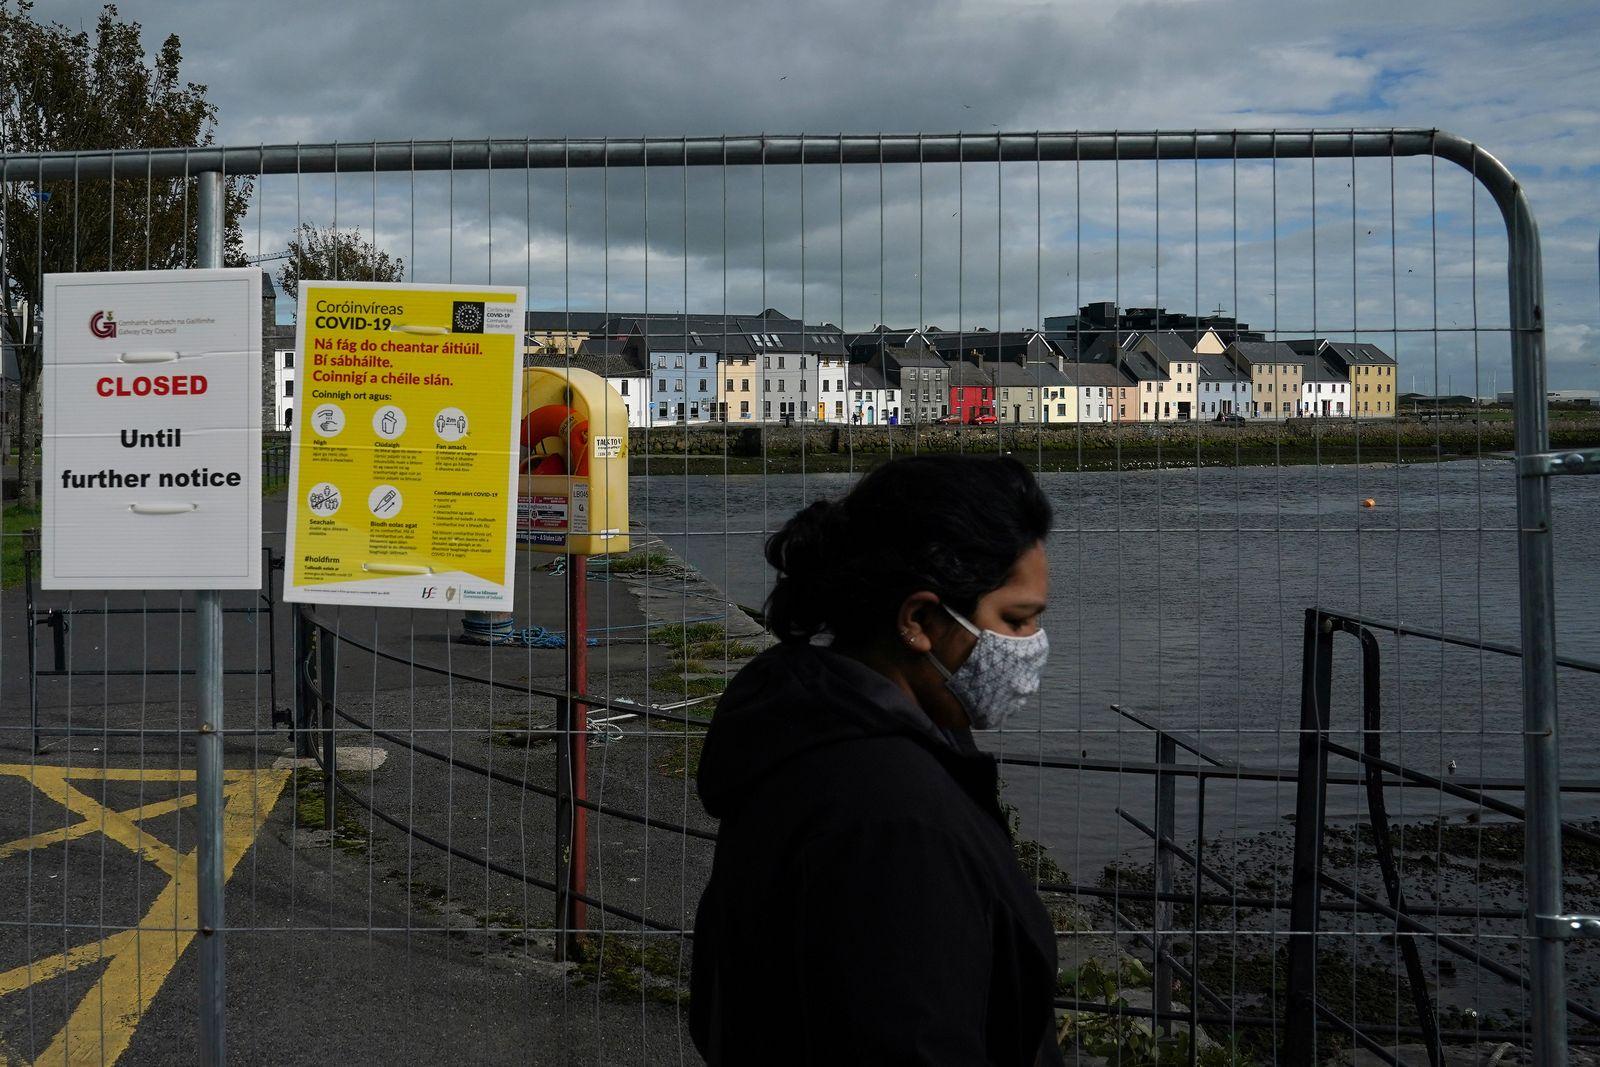 Outbreak of the coronavirus disease (COVID-19) pandemic in Galway